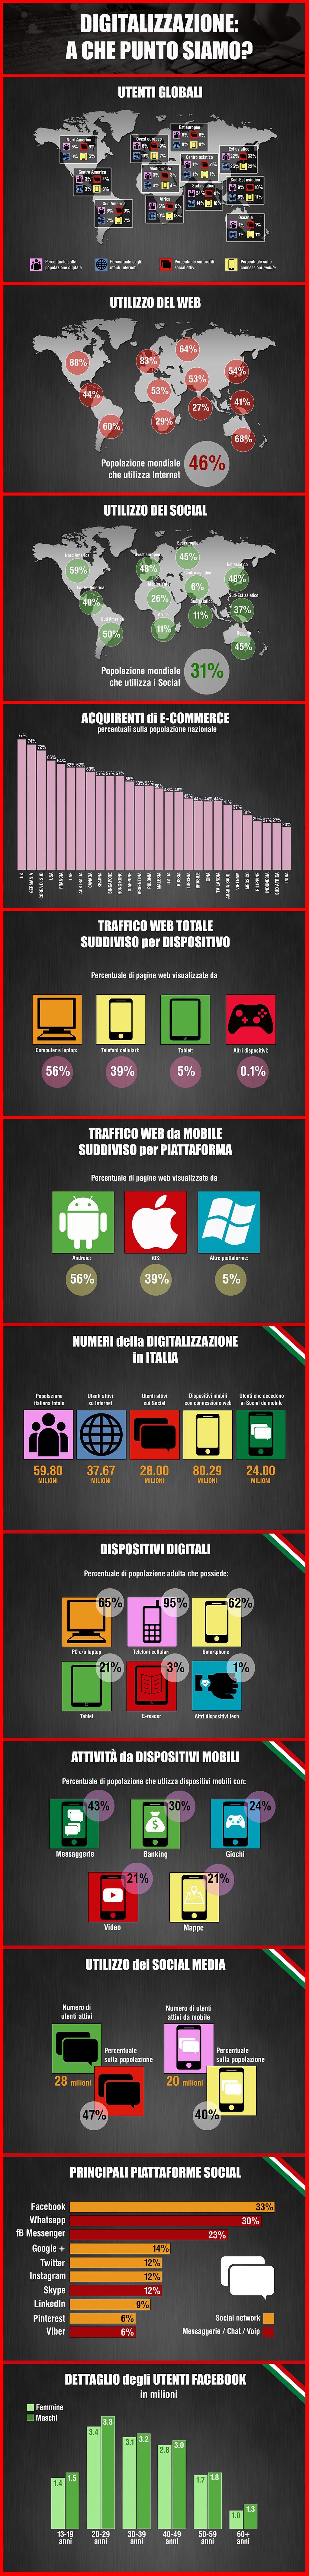 Digitalizzazione - A che punto siamo